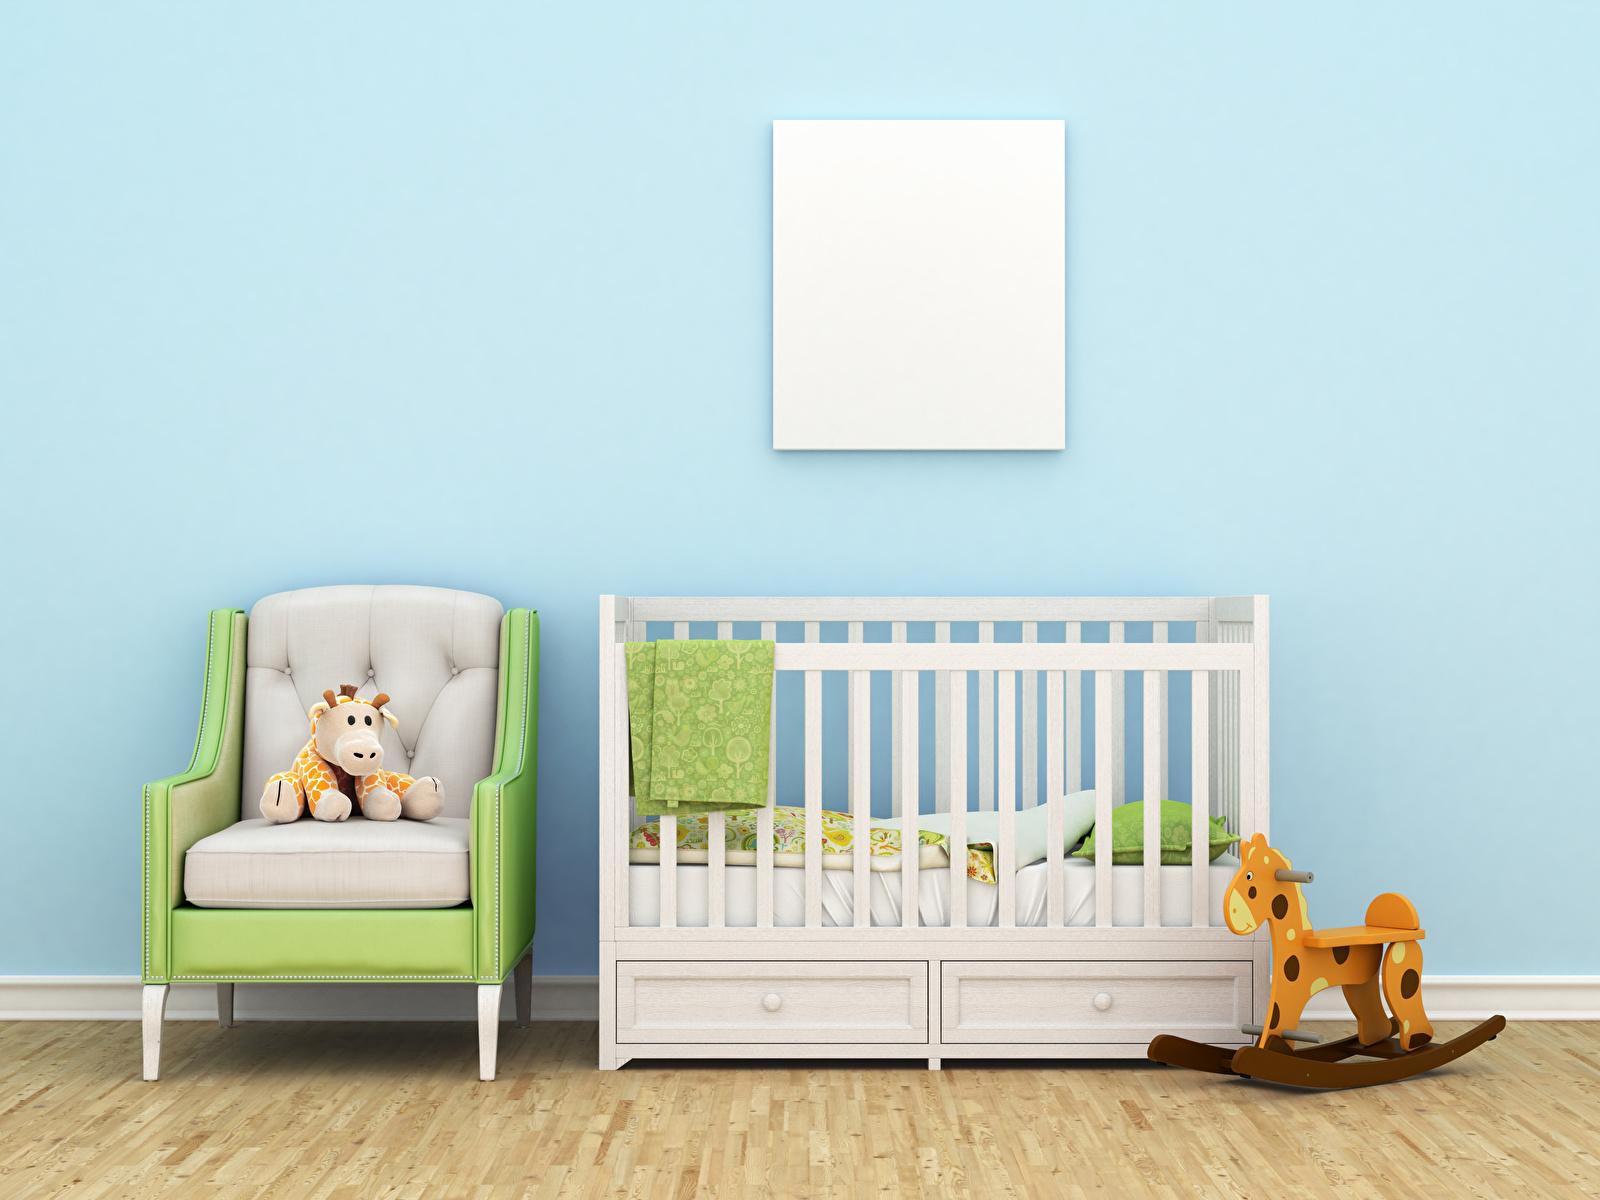 Bilder von Kinderzimmer Innenarchitektur Bett Sessel Spielzeuge Design 1600x1200